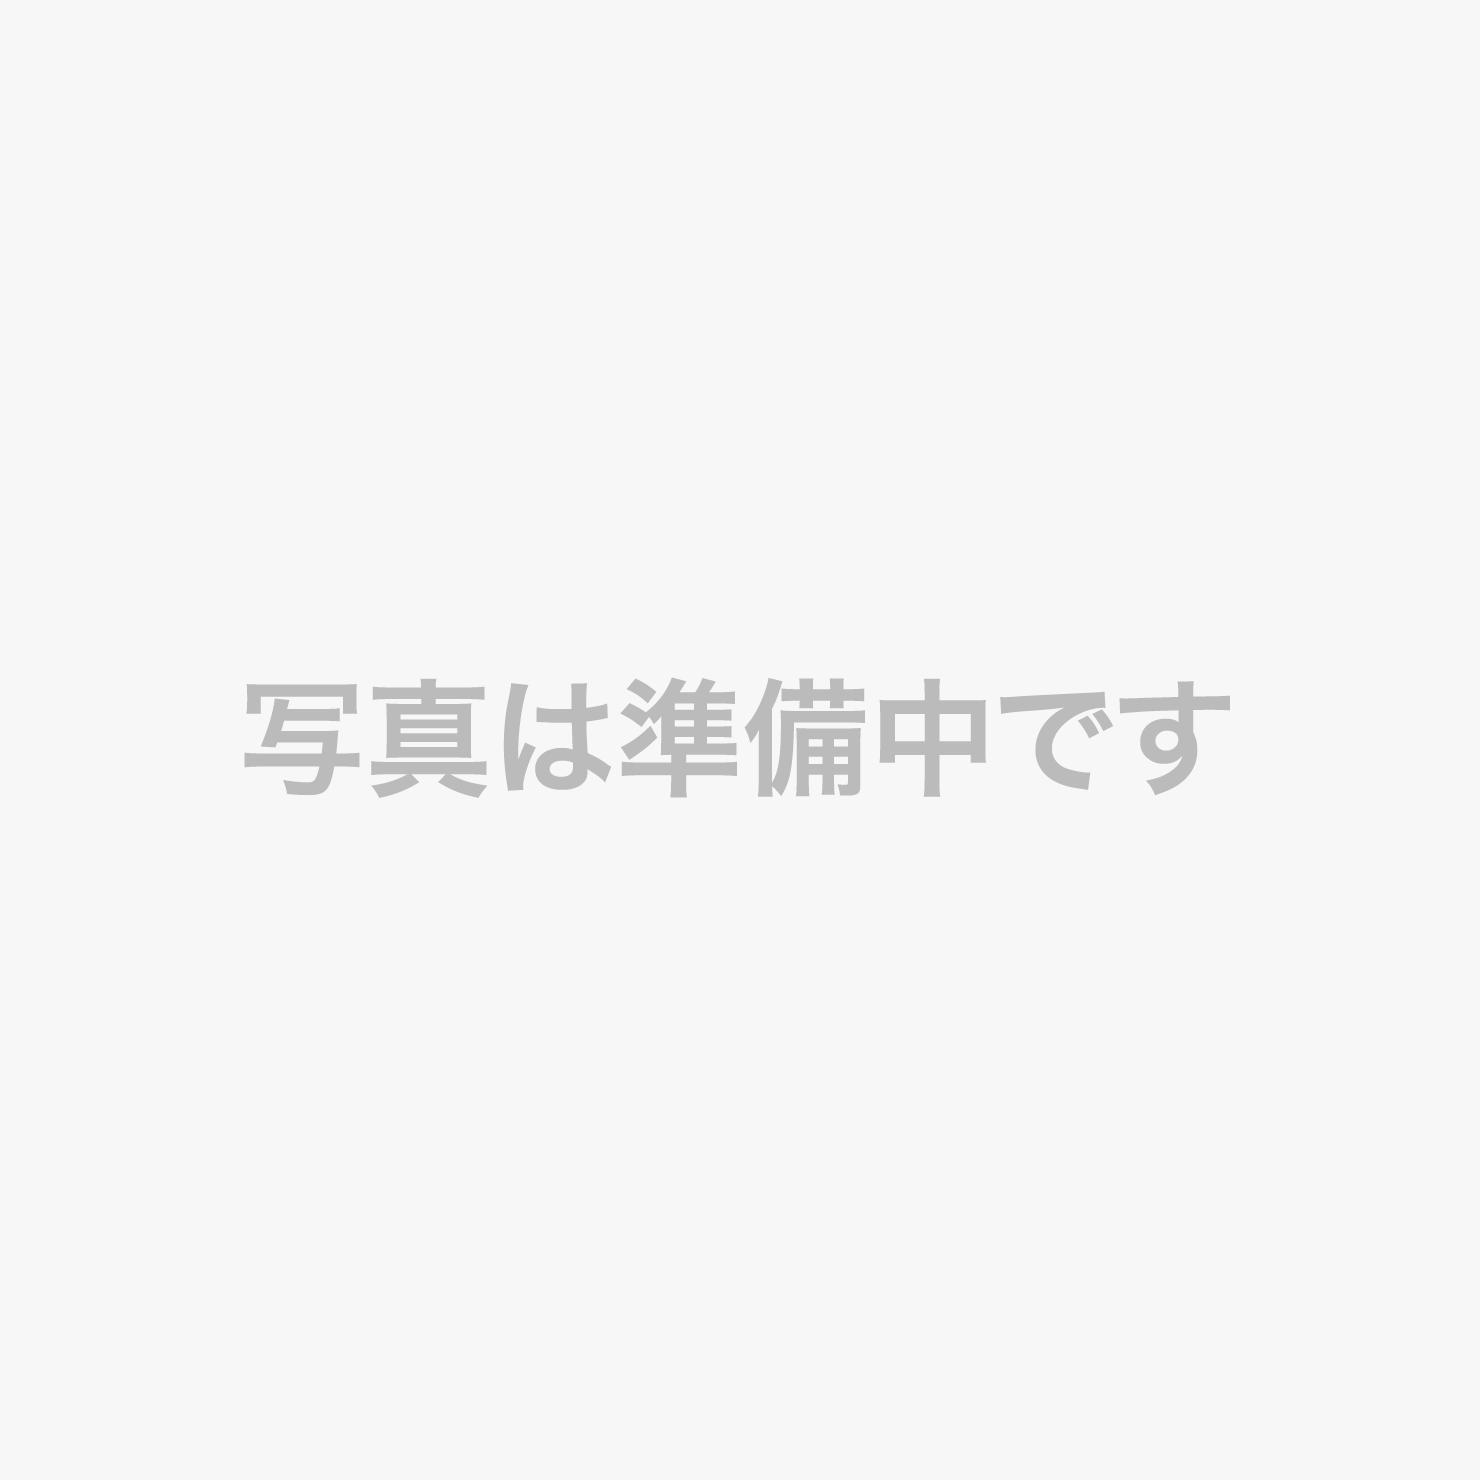 9層吹き抜けのメインロビー(イメージ)